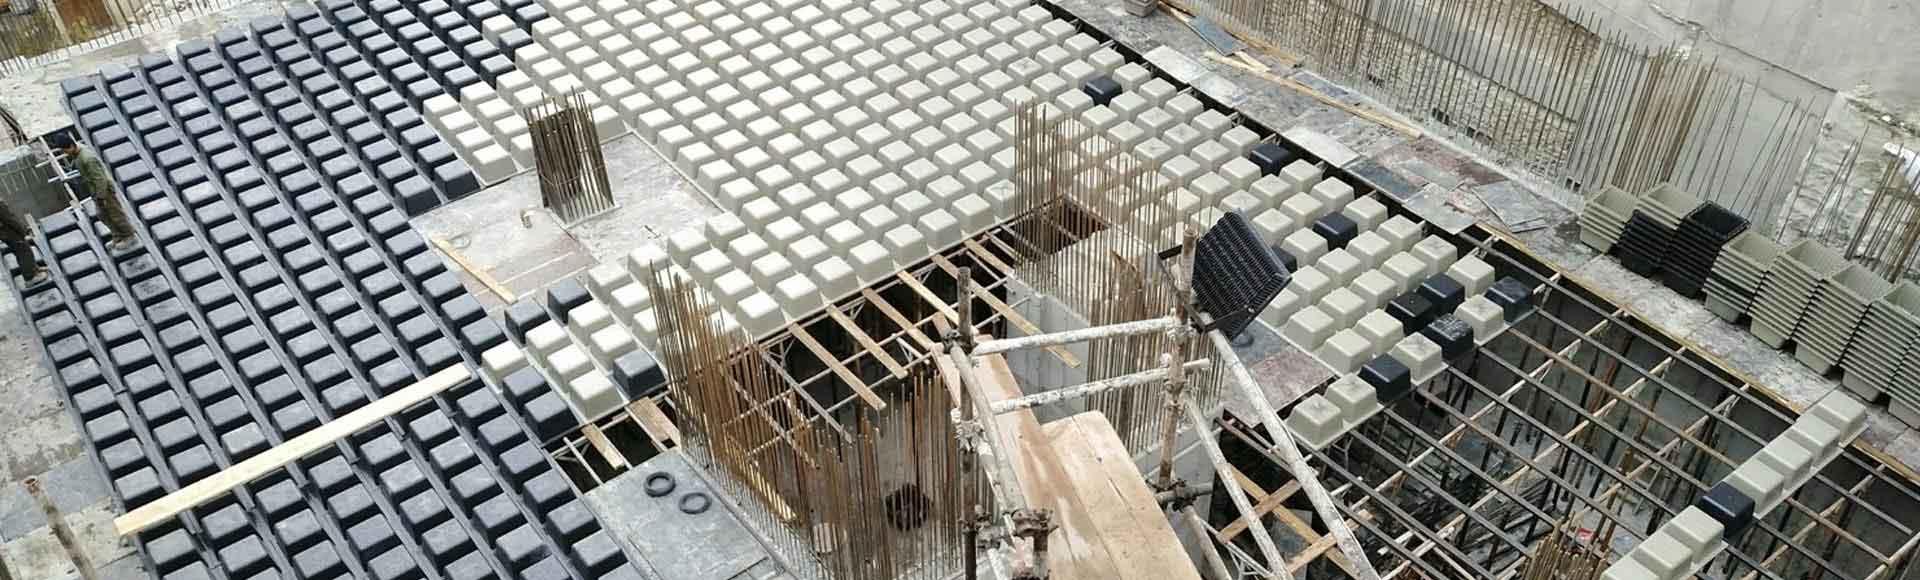 قالب سقف وافل و لوازم و تجهیزات